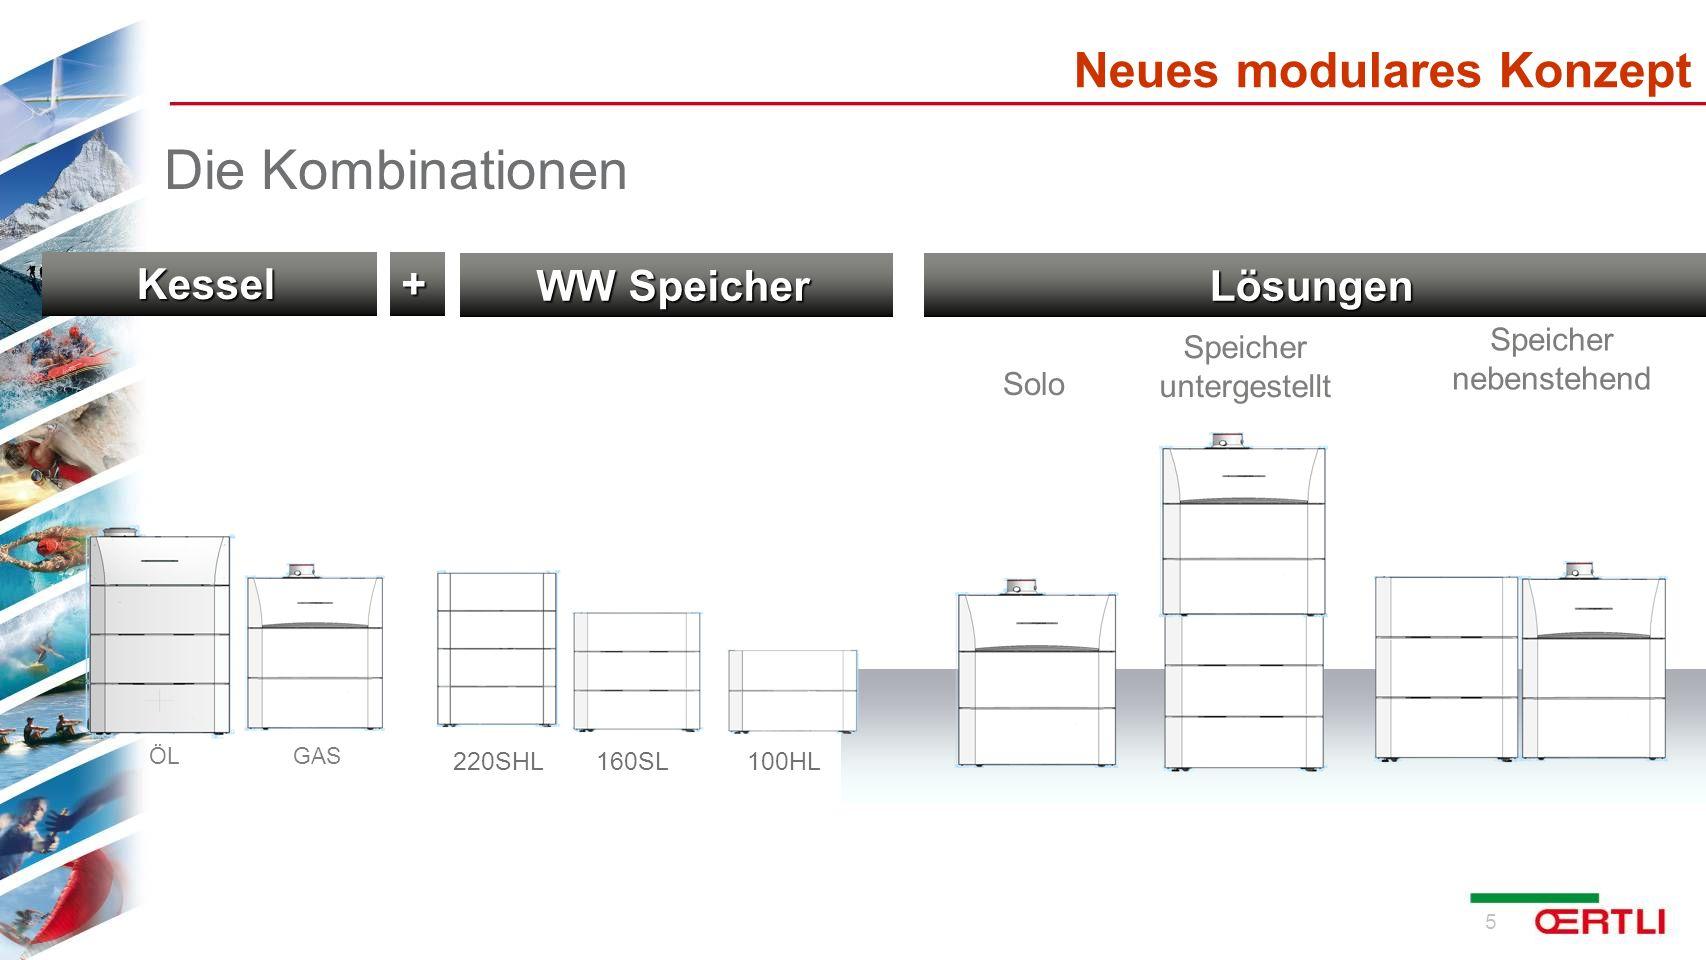 Die Kombinationen Neues modulares Konzept Kessel + WW Speicher